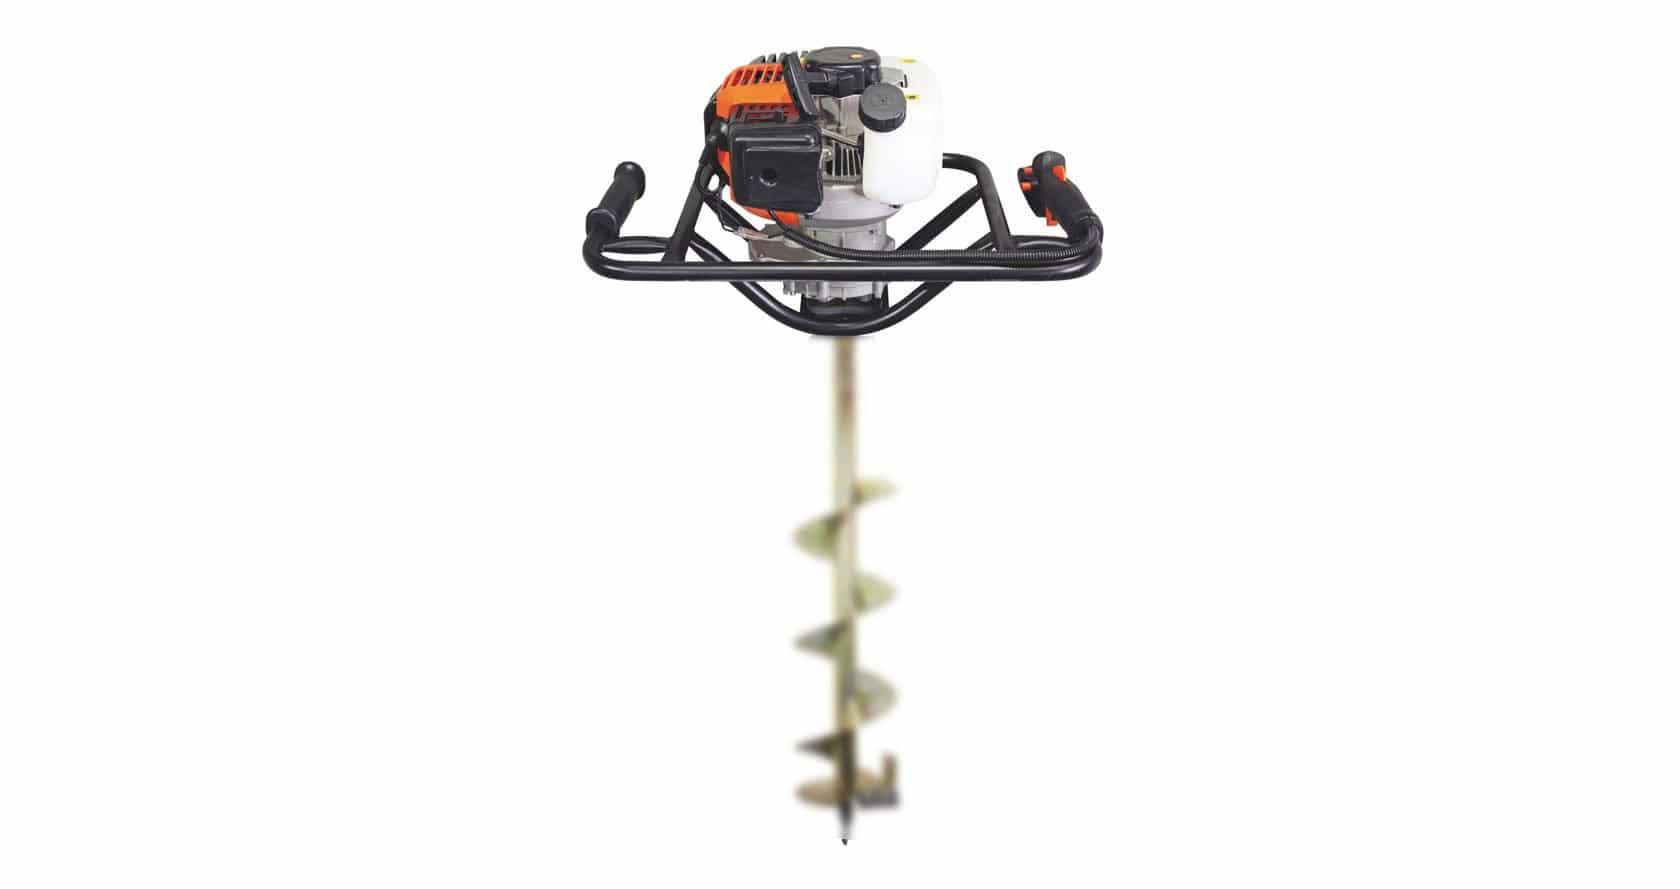 Abre buracos / Perfurador de Solo Brocadora Powerline AG52